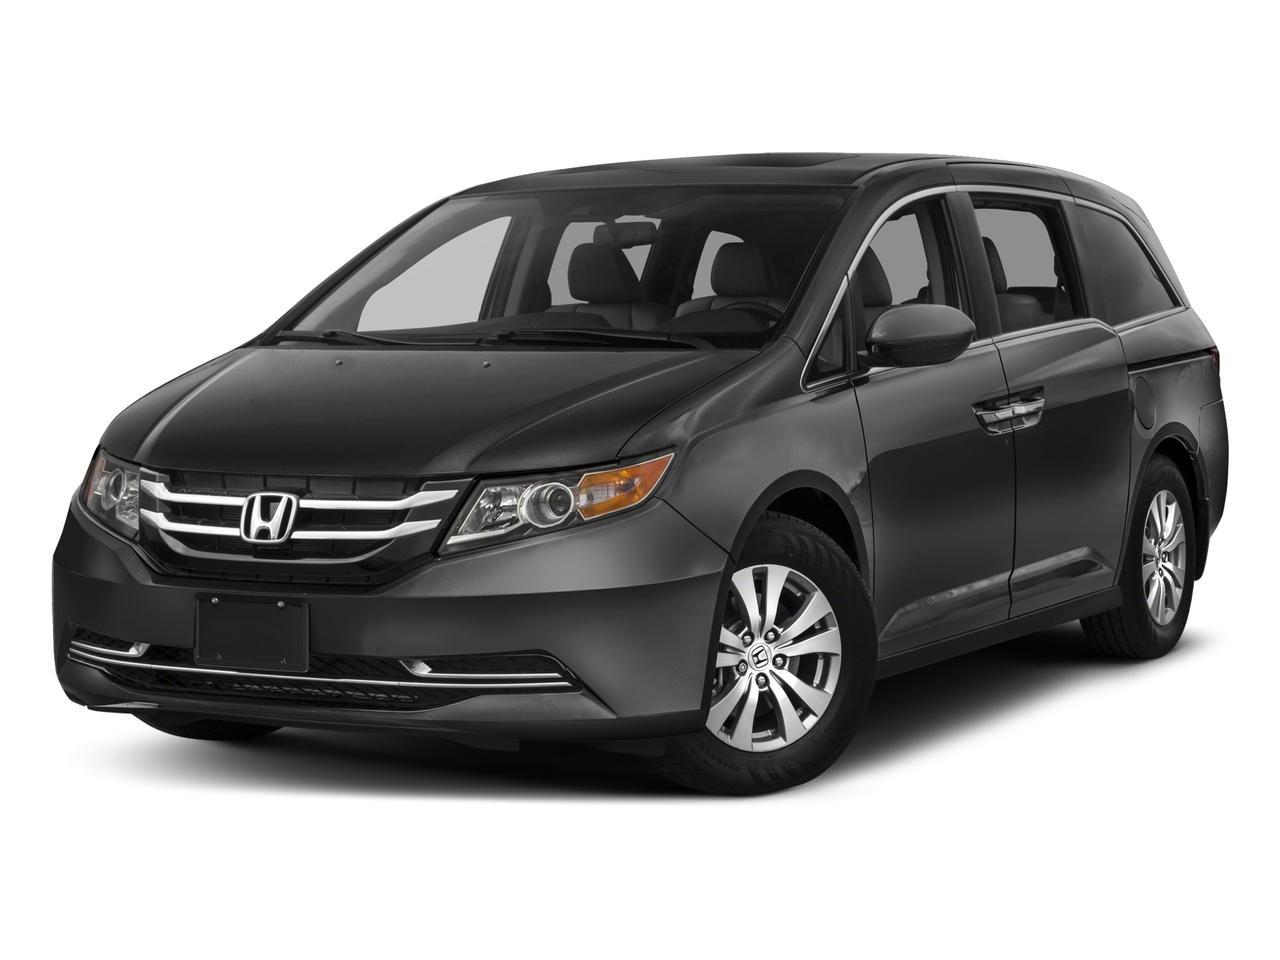 2017 Honda Odyssey Vehicle Photo in Manassas, VA 20109